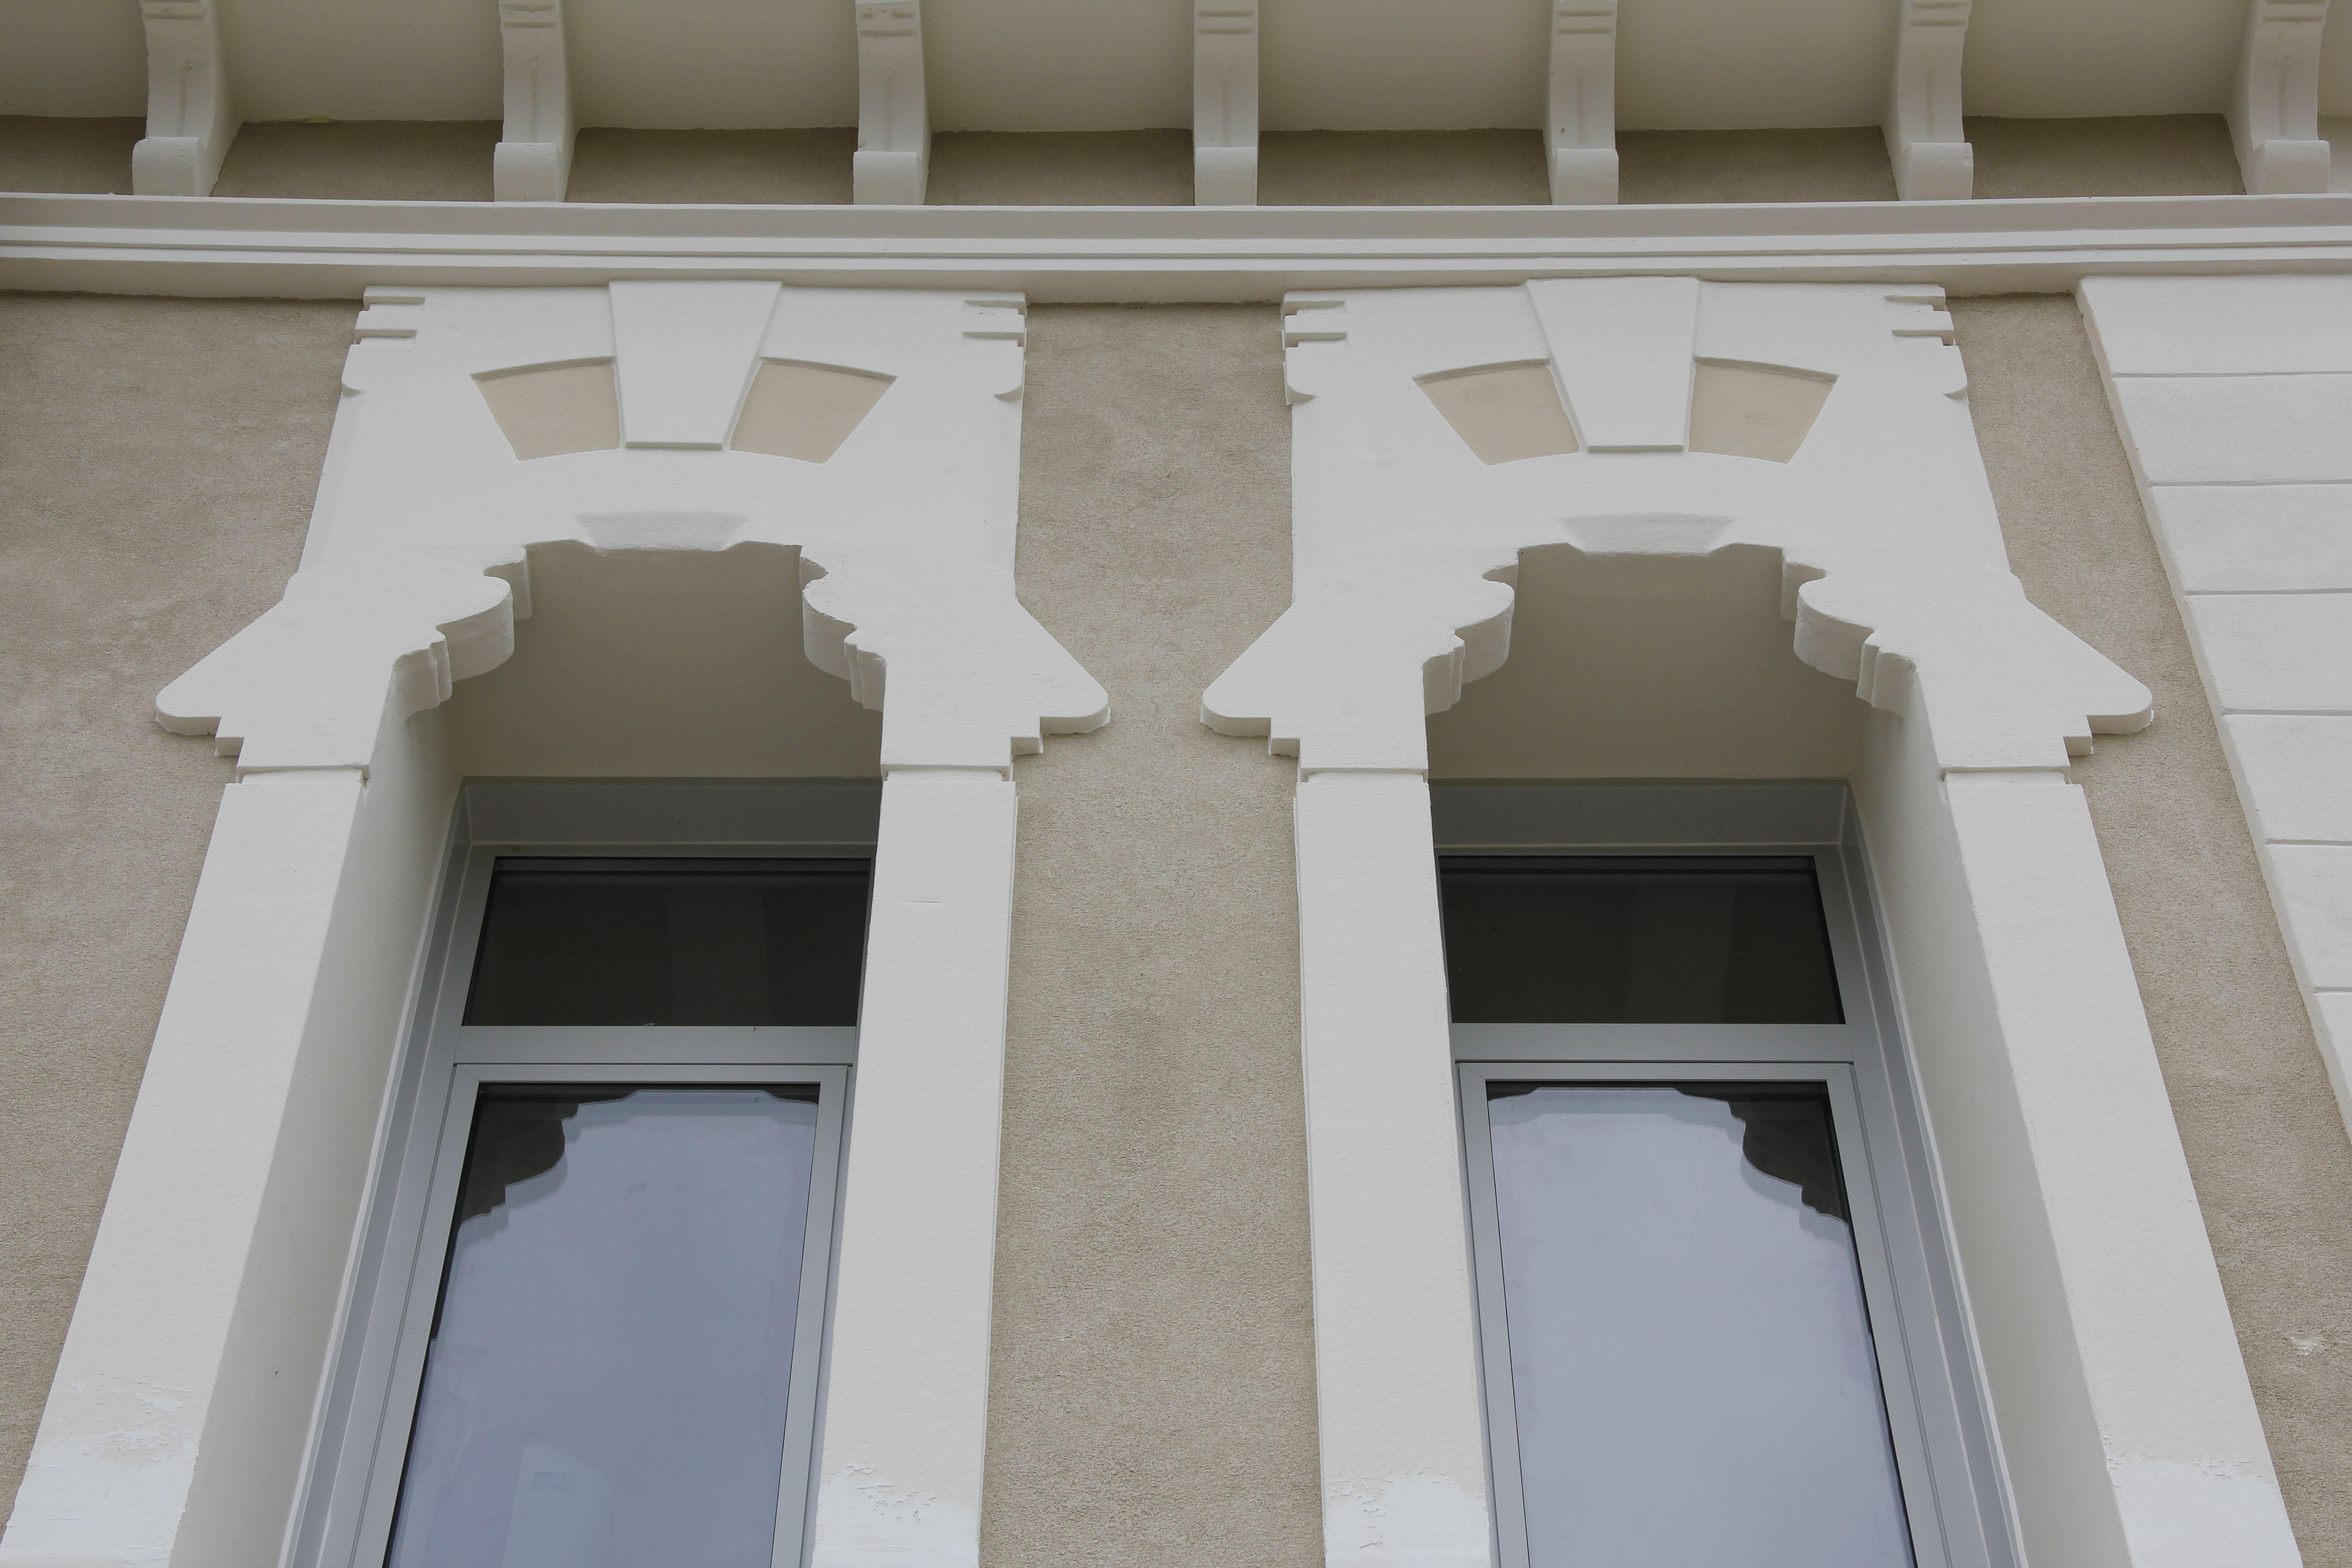 Cornici per finestre decori finestre decorazioni in polistirolo per esterni cornici per - Decori per finestre esterne ...